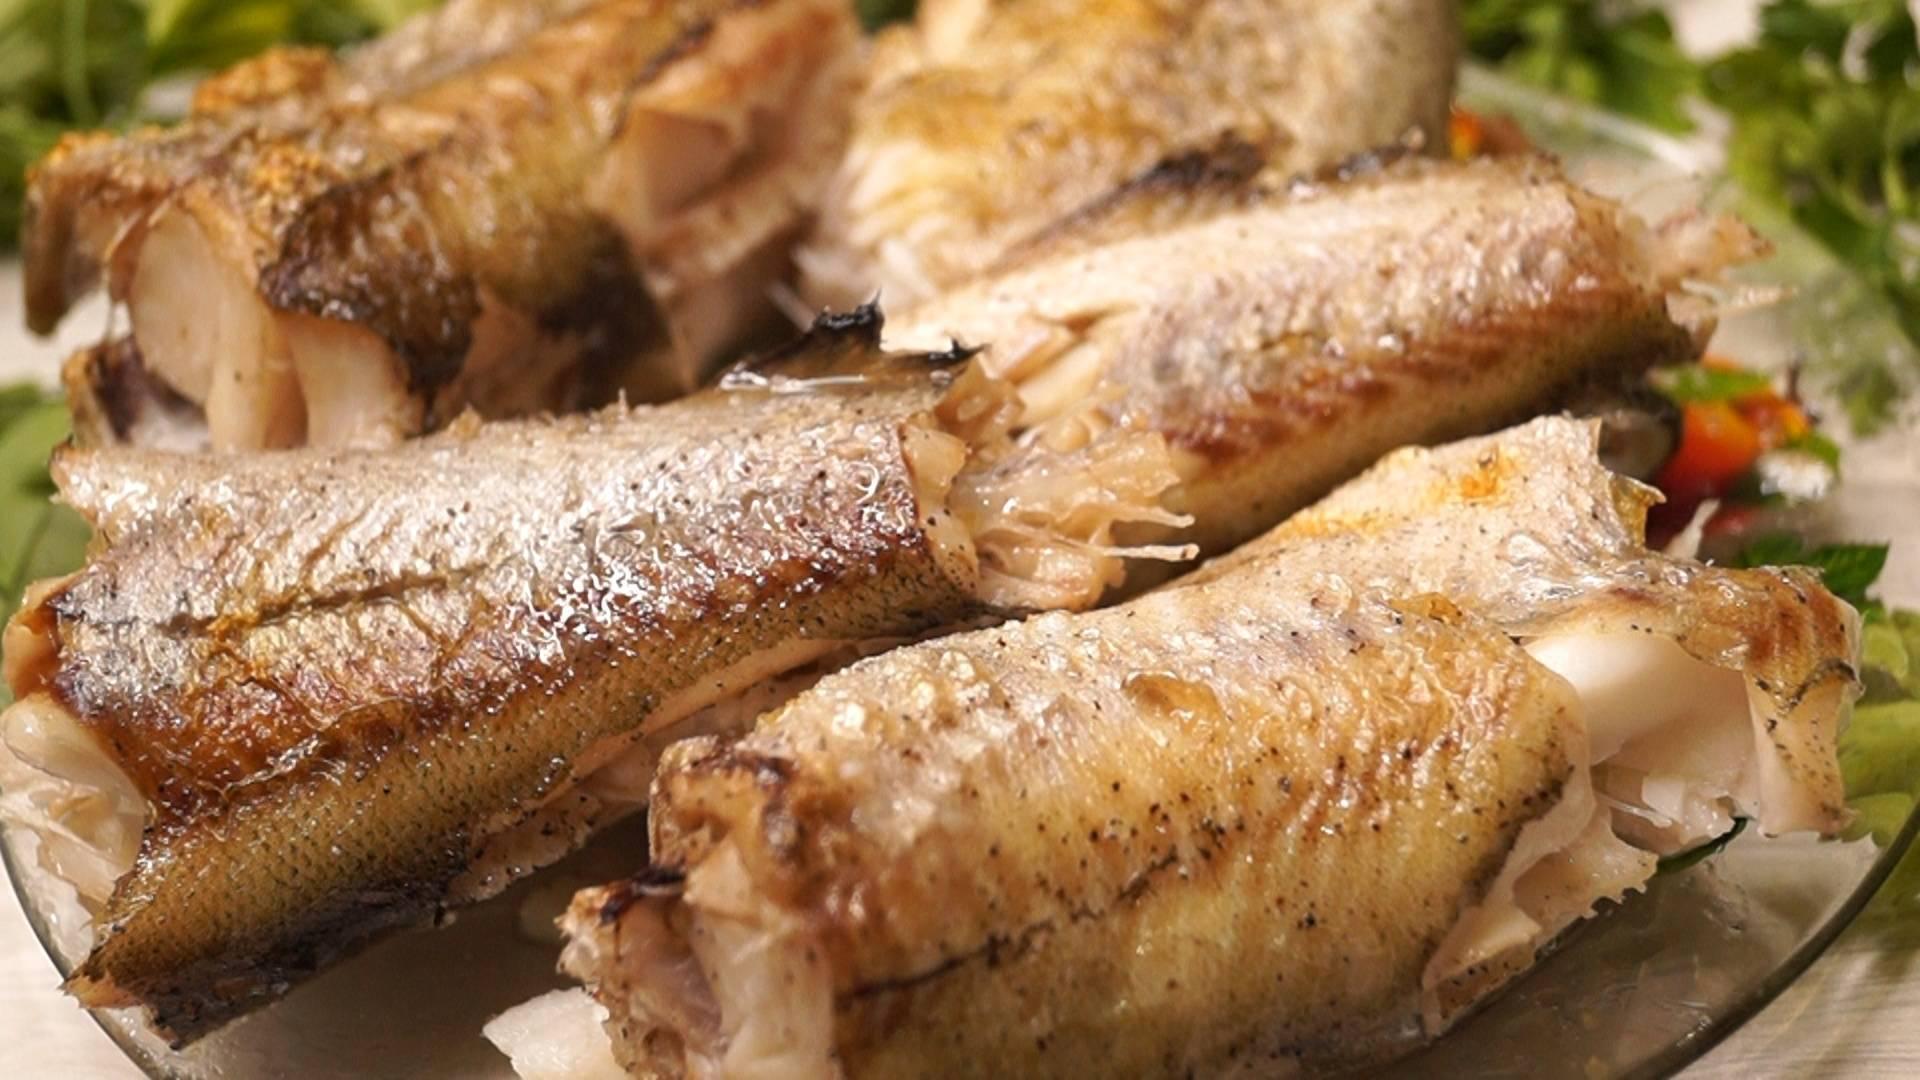 Сайда: что это за рыба, как готовить, польза и вред, рецепты приготовления